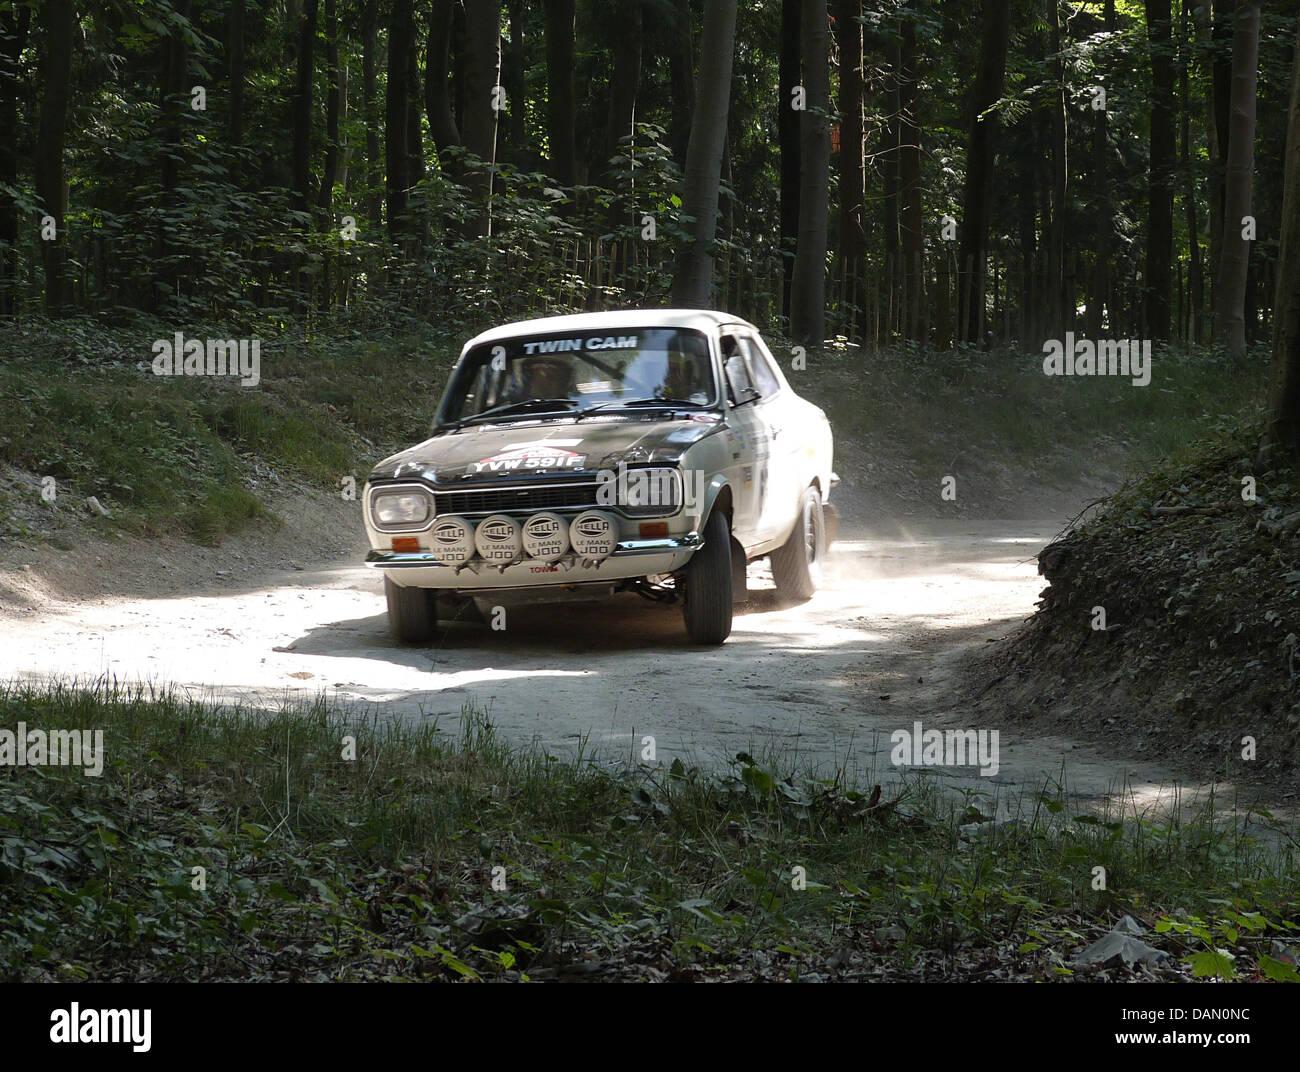 Ford Escort mk1 rally Goodwood Festival della velocità 2013 Immagini Stock